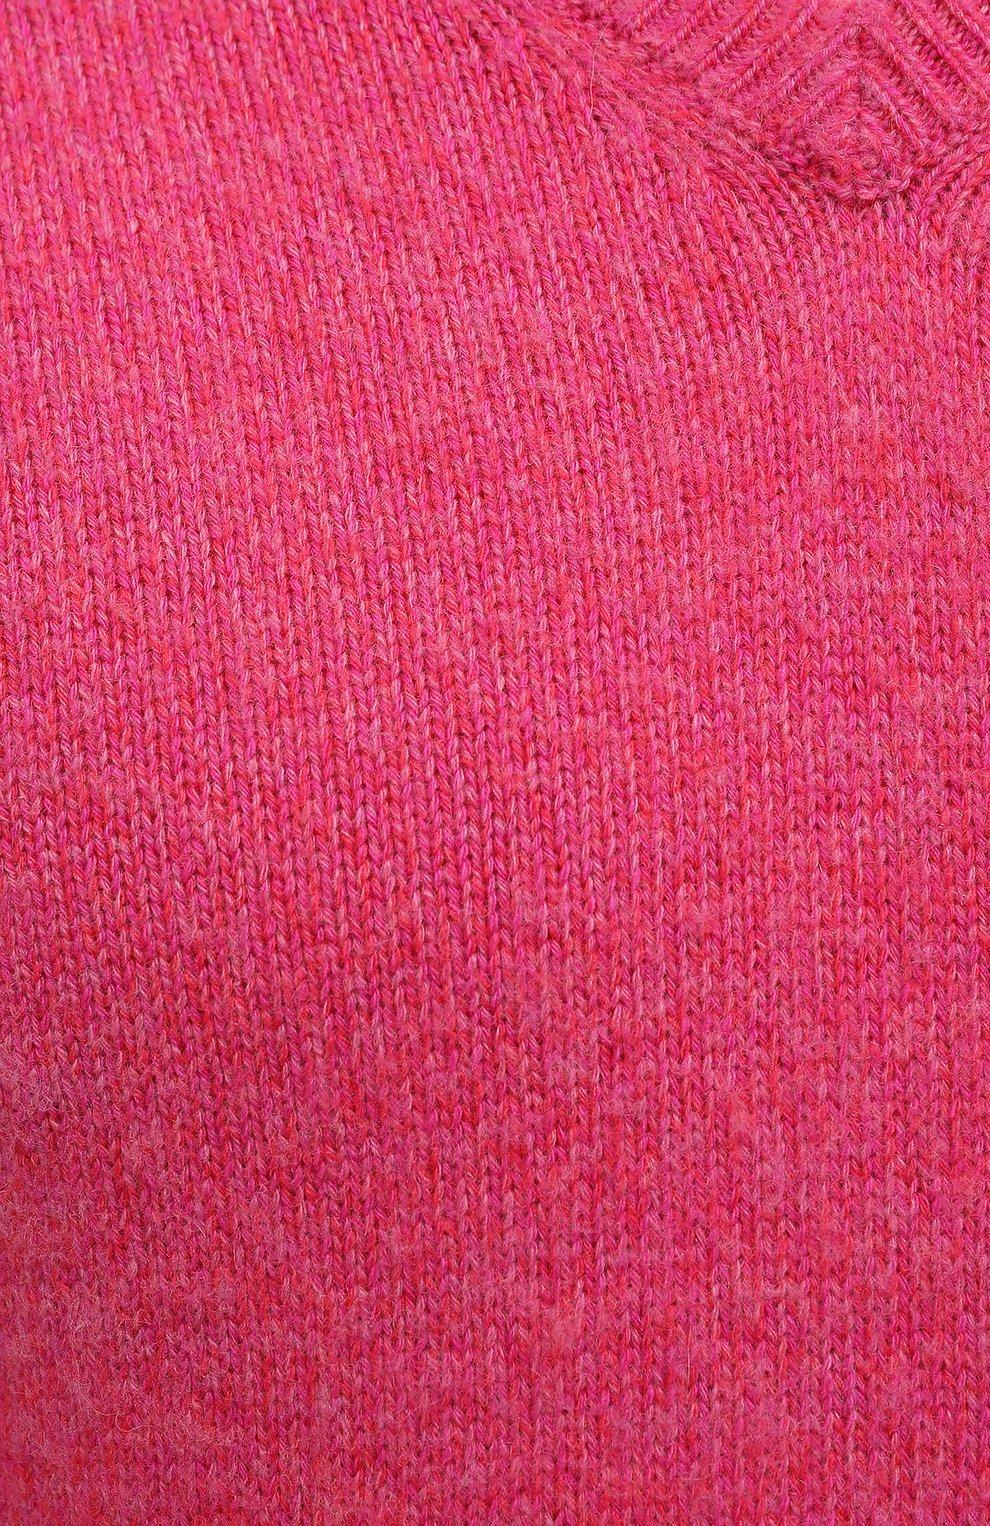 Мужской кашемировый свитер TOM FORD розового цвета, арт. BWK70/TFK100   Фото 5 (Материал внешний: Шерсть; Рукава: Длинные; Принт: Без принта; Длина (для топов): Стандартные; Стили: Романтичный)